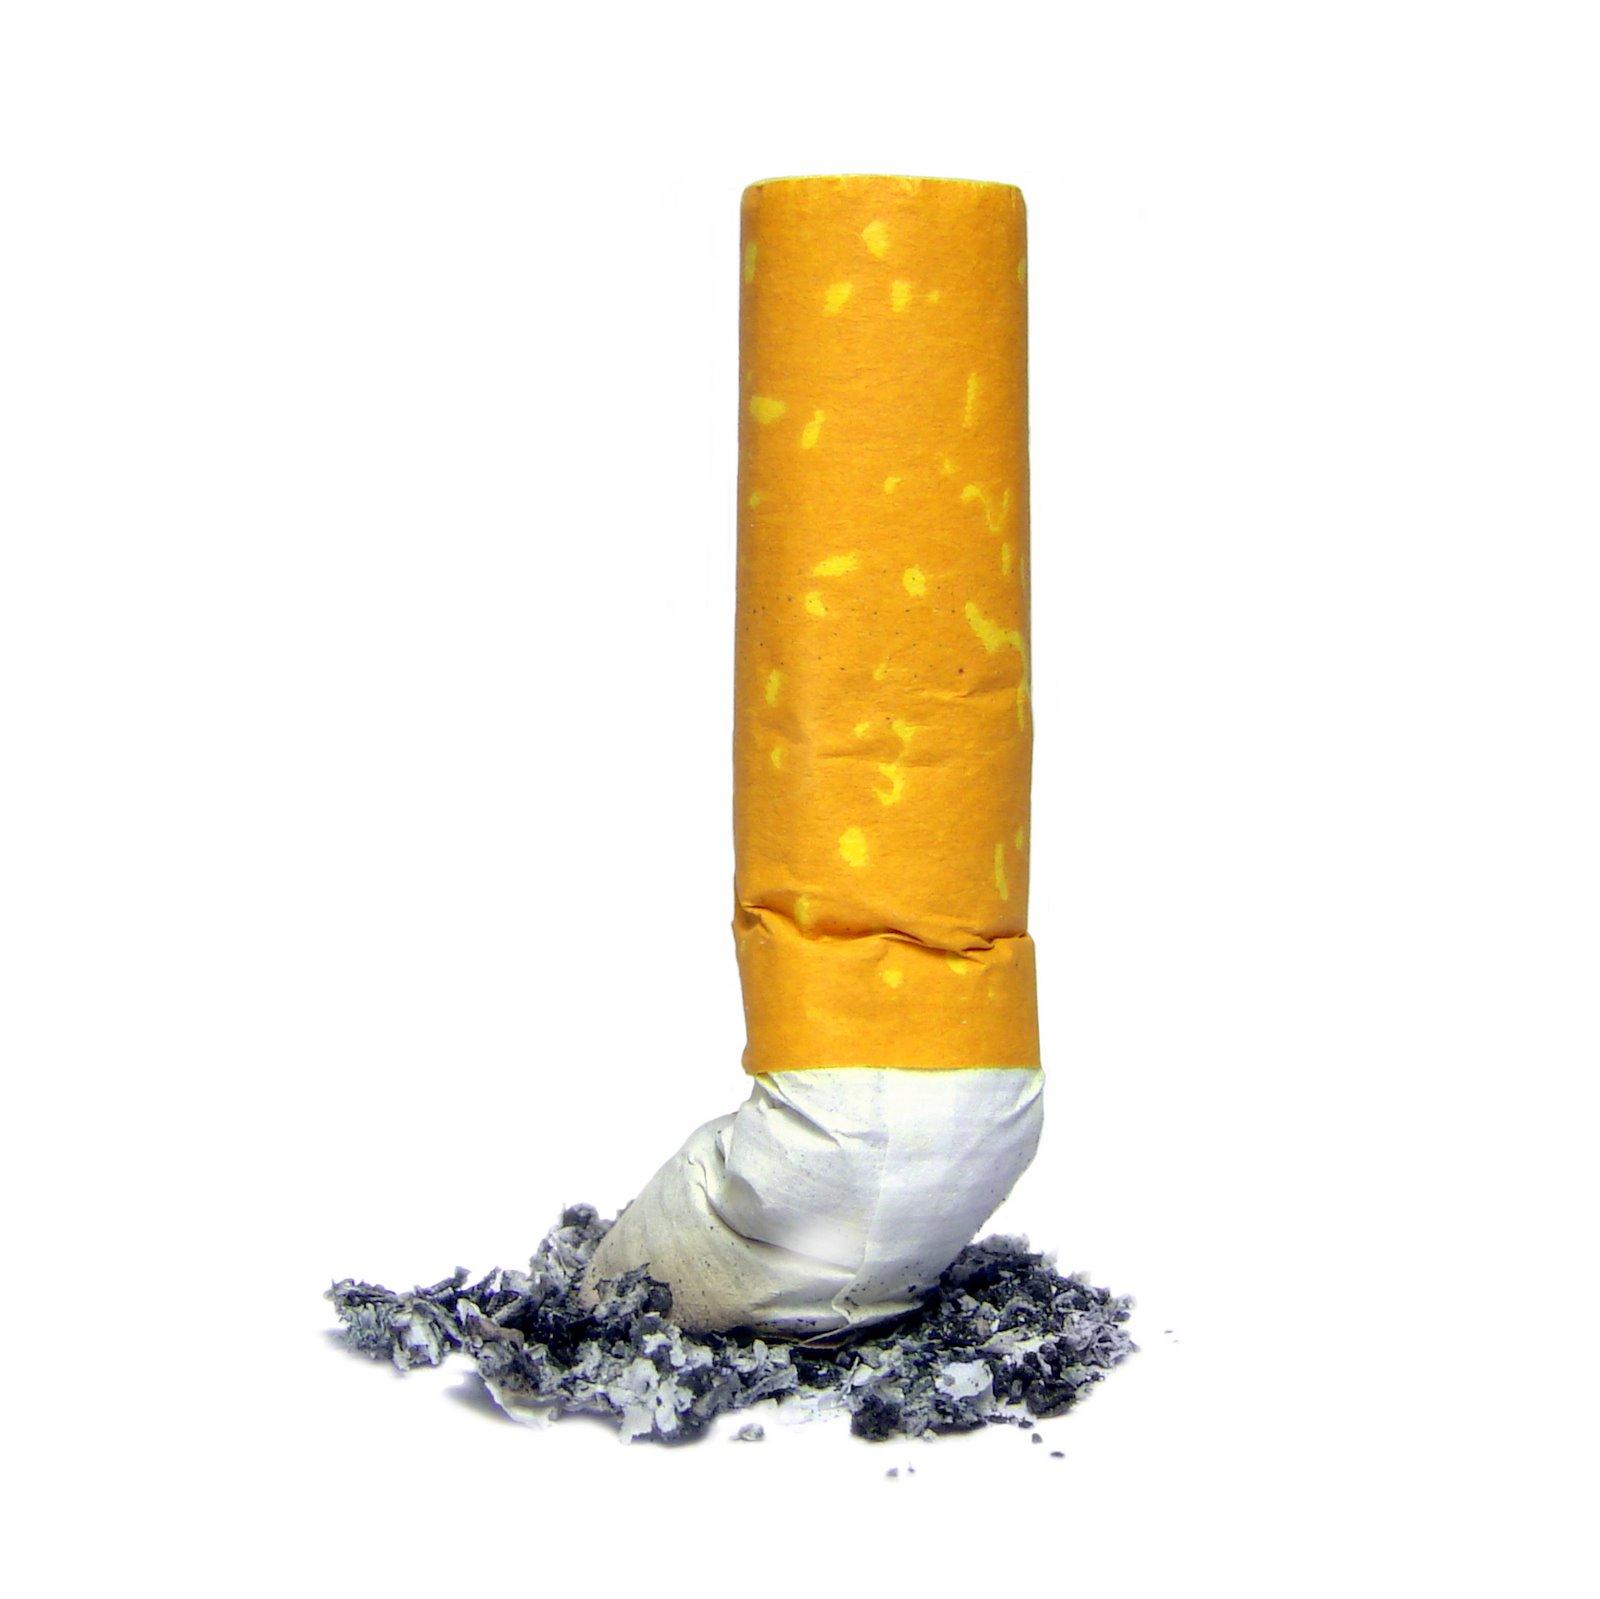 Fumagem deixada não posso ganhar o peso